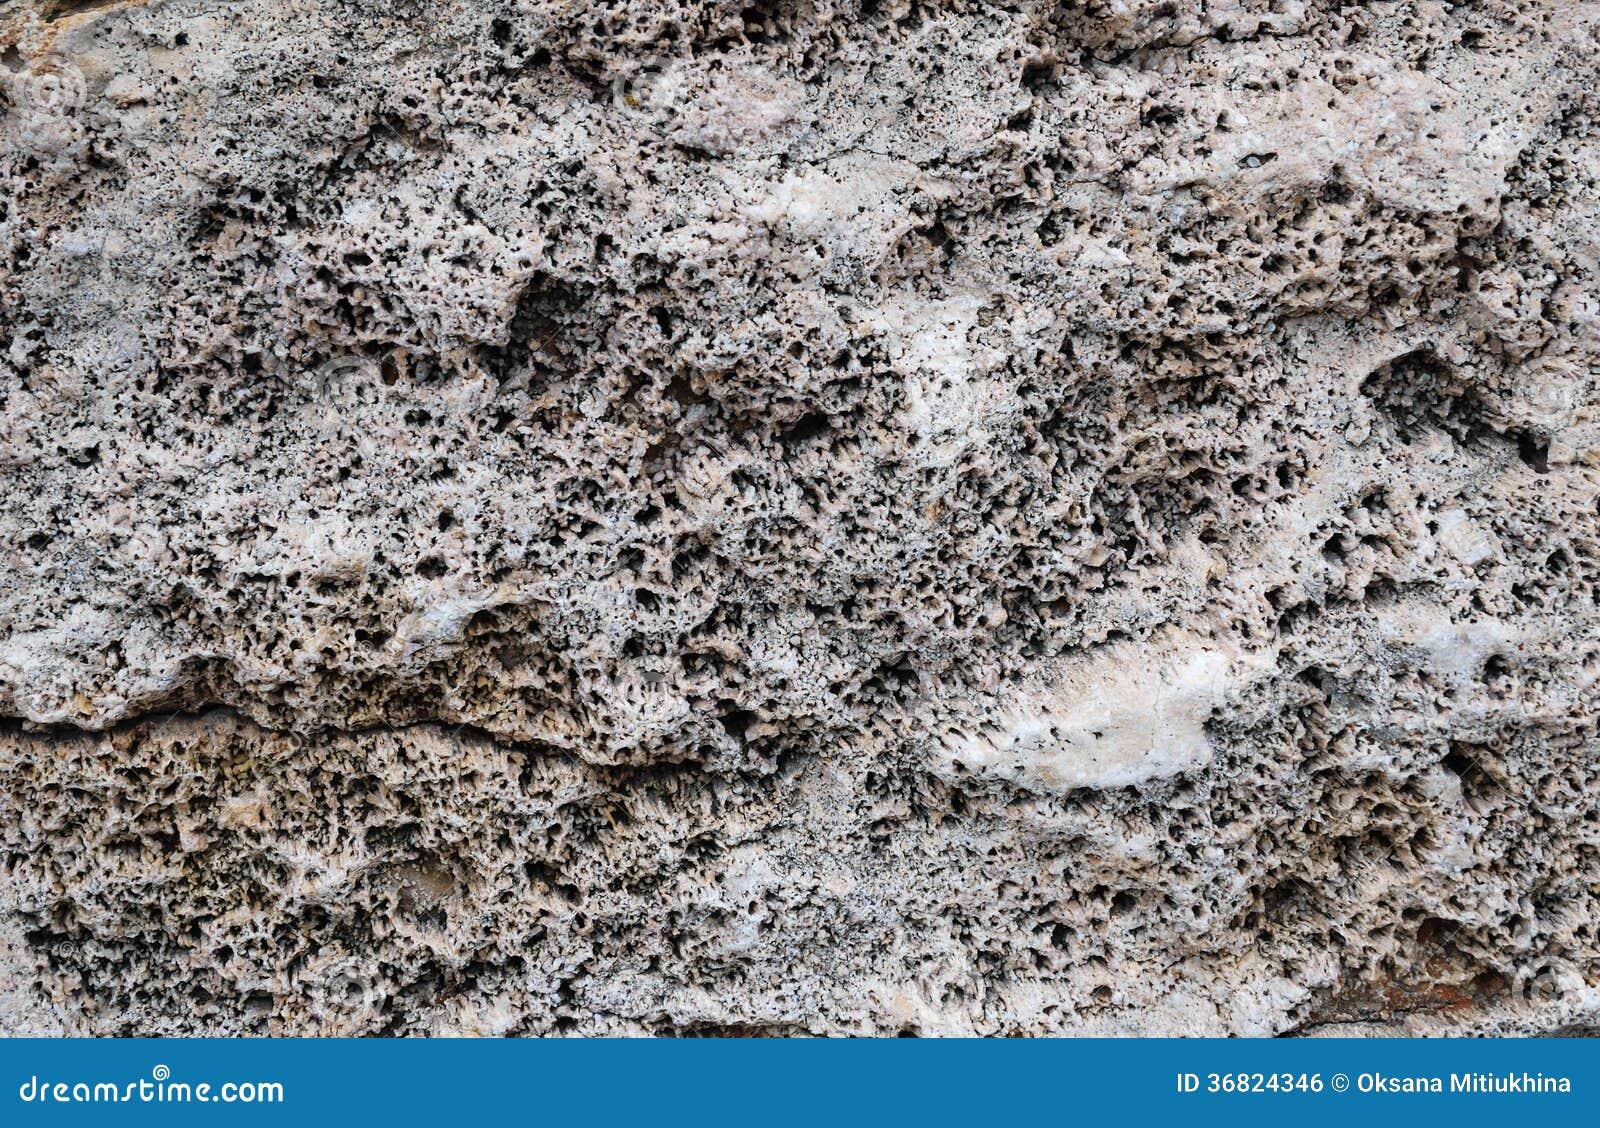 Nahaufnahme des korallenroten Sediments versteinert